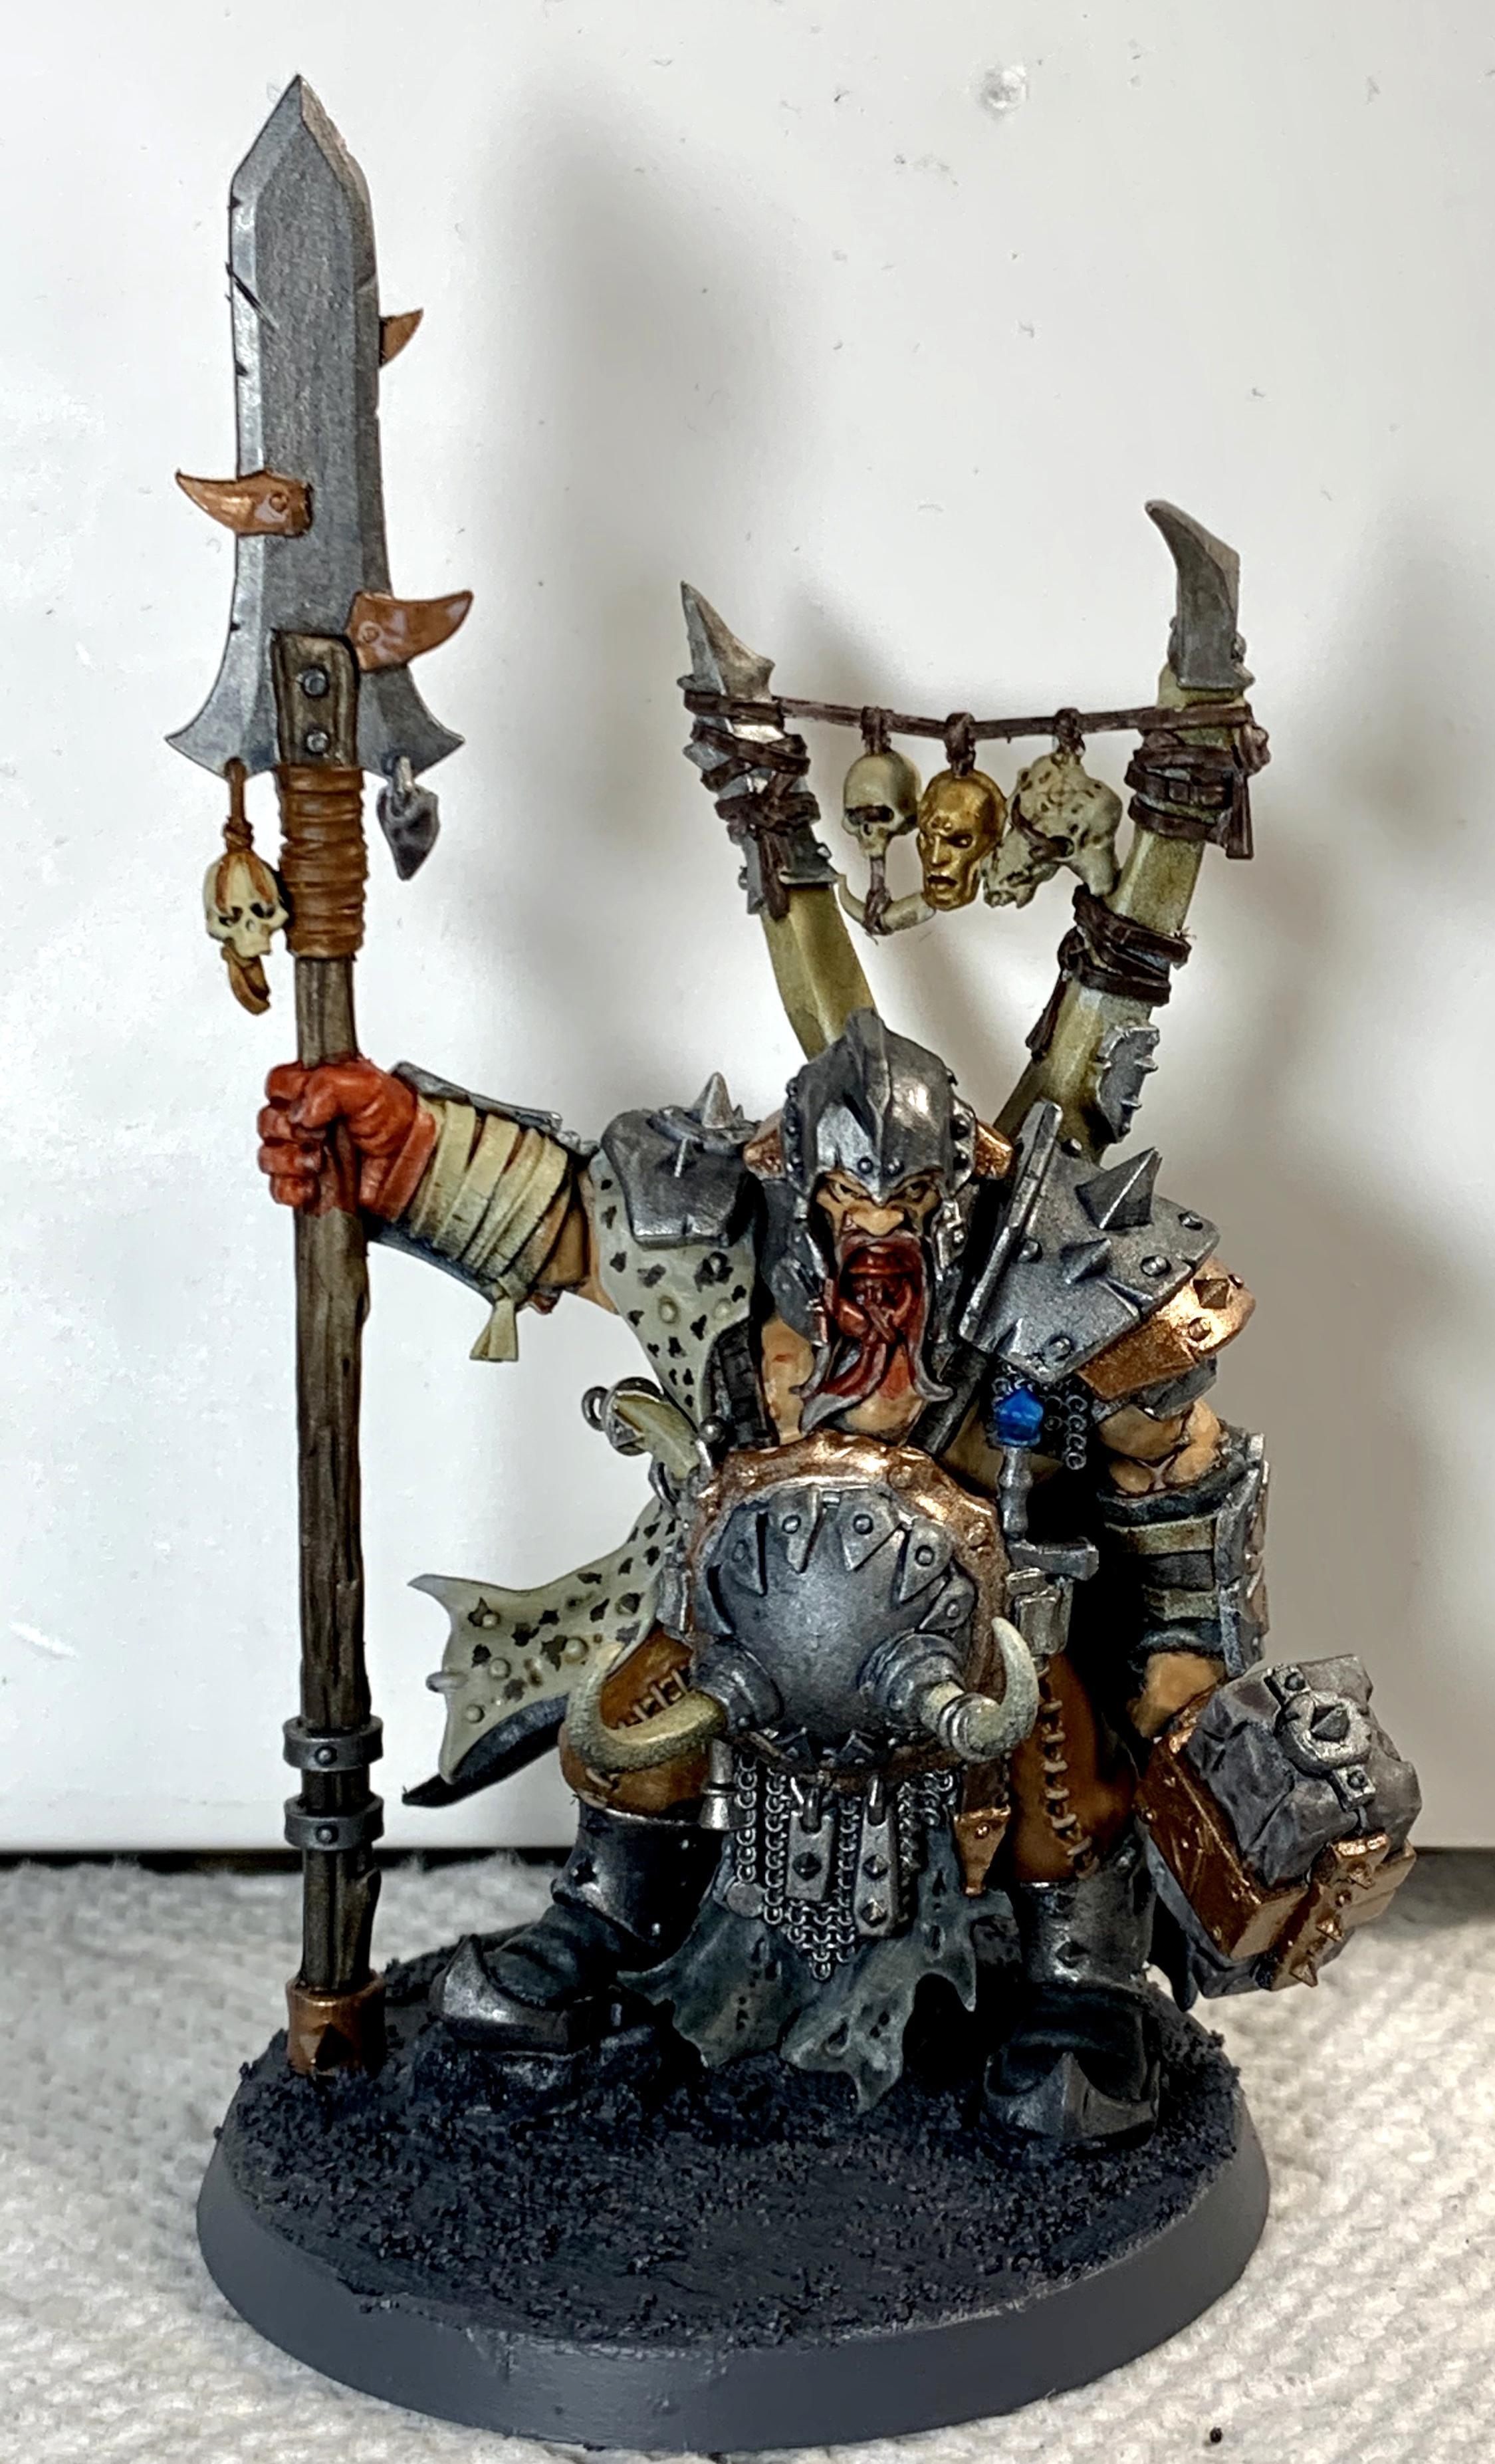 Ogres, Tyrant